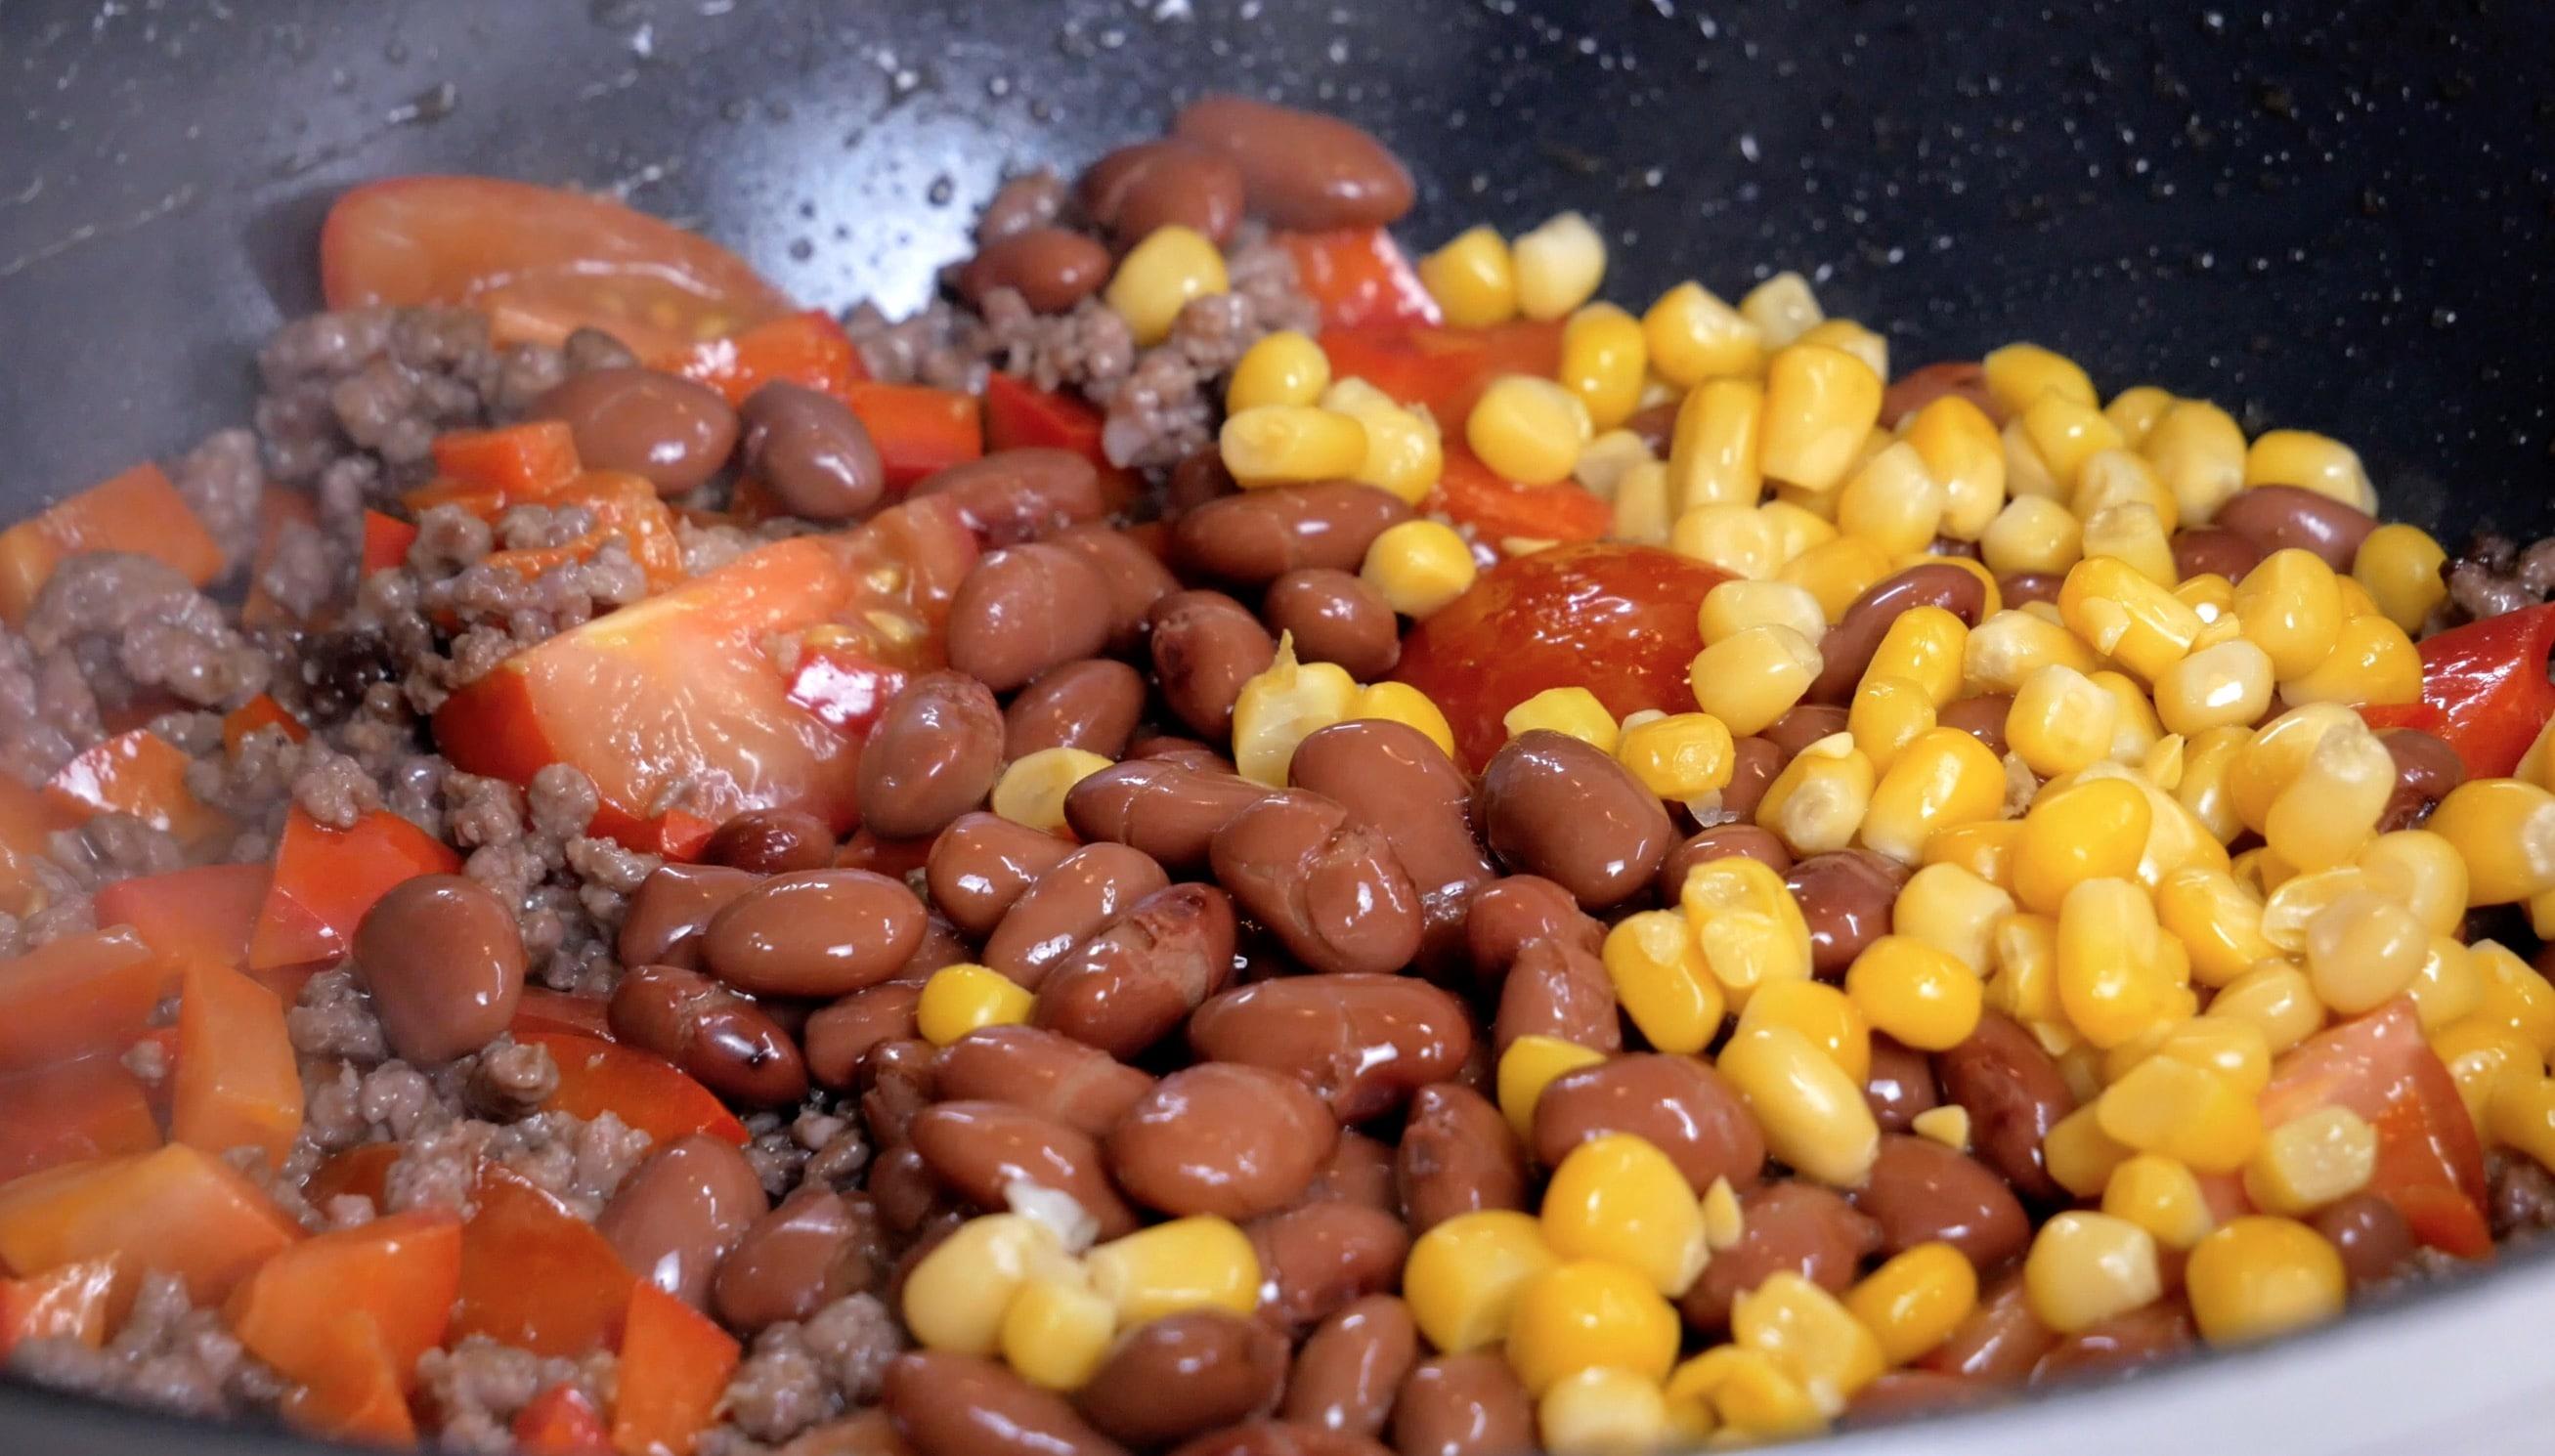 Добавляем свежие овощи, лук, фасоль, кукурузу. Обжариваем пару минут